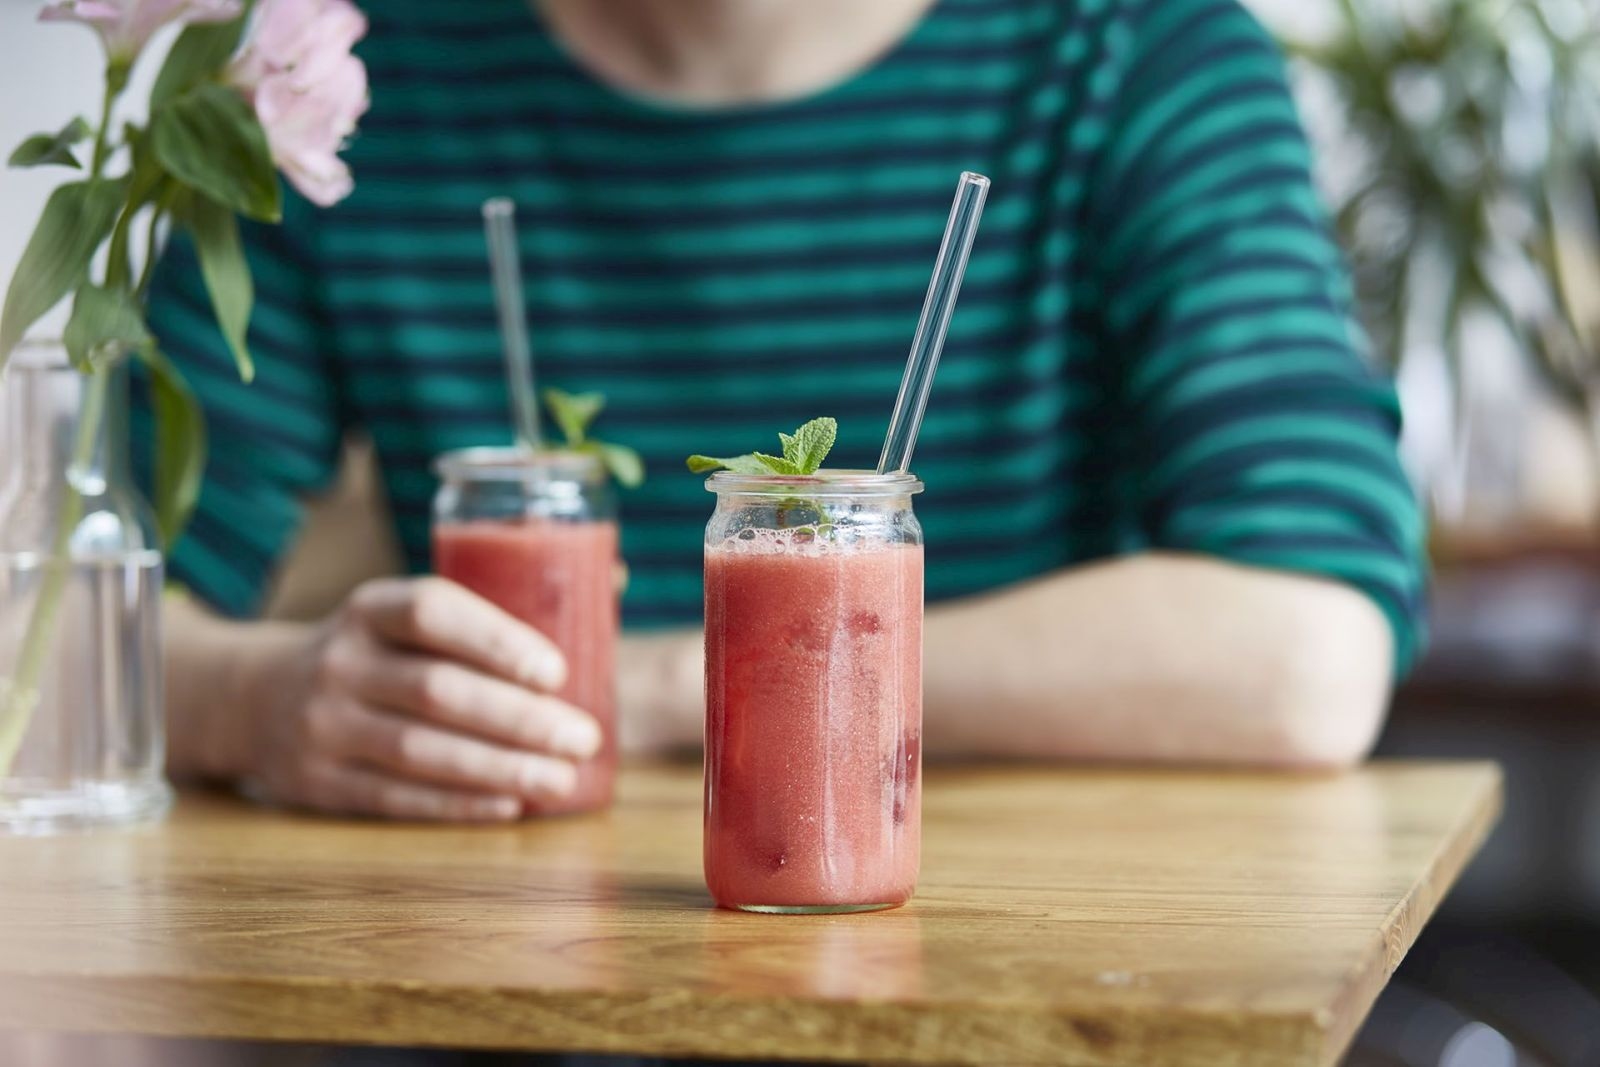 Zwei Gläser gefüllt mit rotem Obstsmoothie und darin befindet sich je einem Trinkhalm aus Glas.